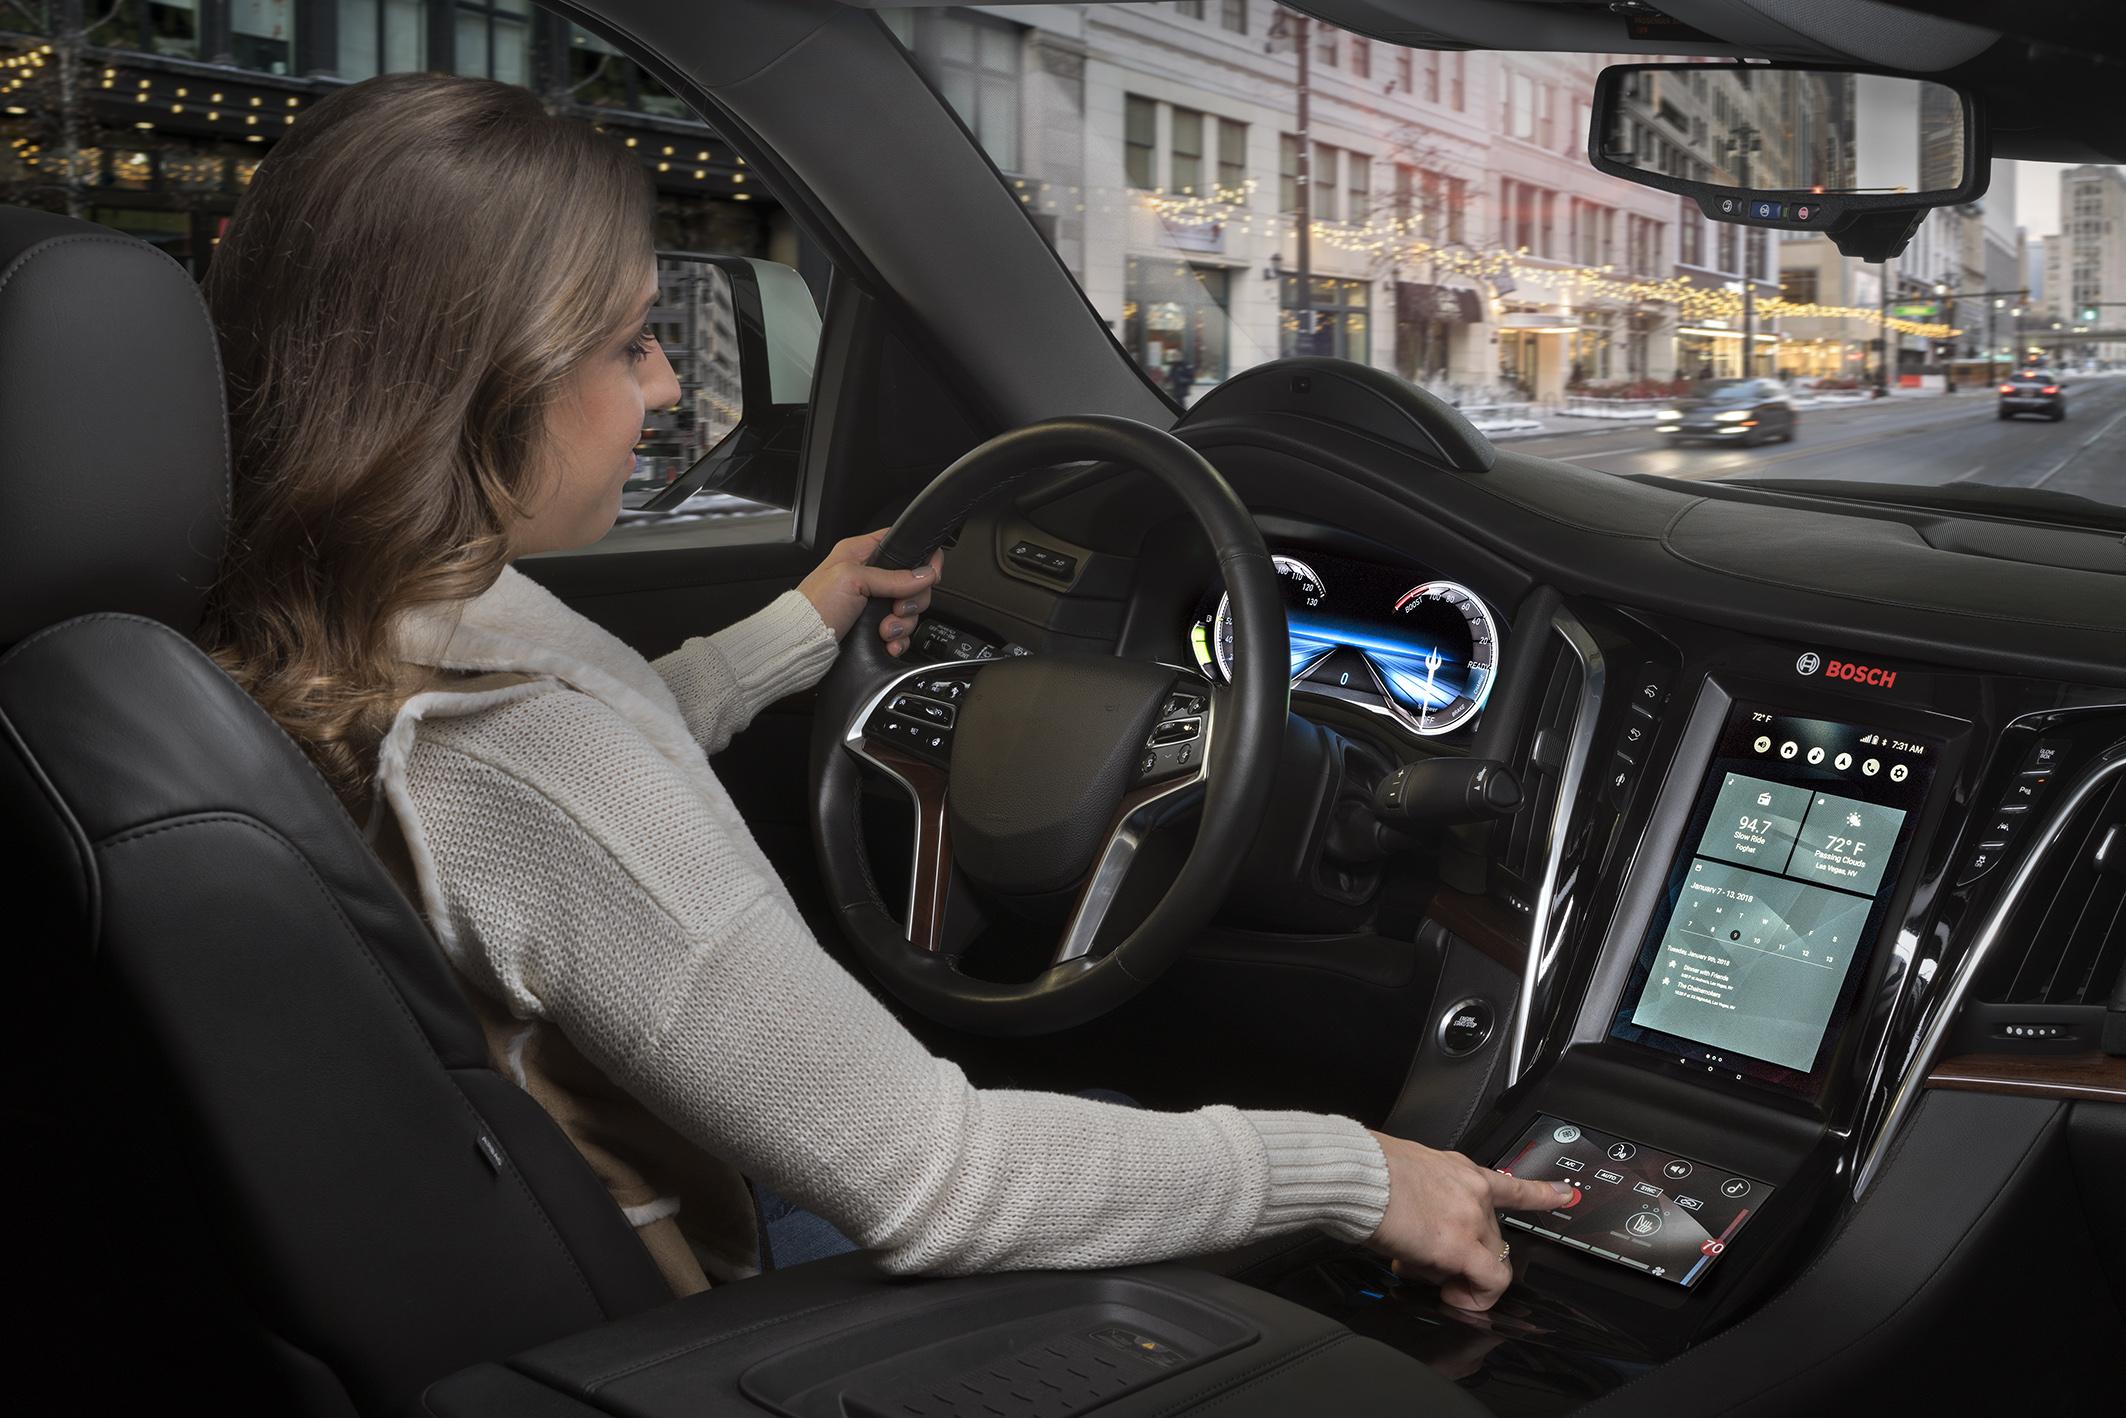 Digitální displeje a hlasový asistenti způsobují revoluci v jízdě